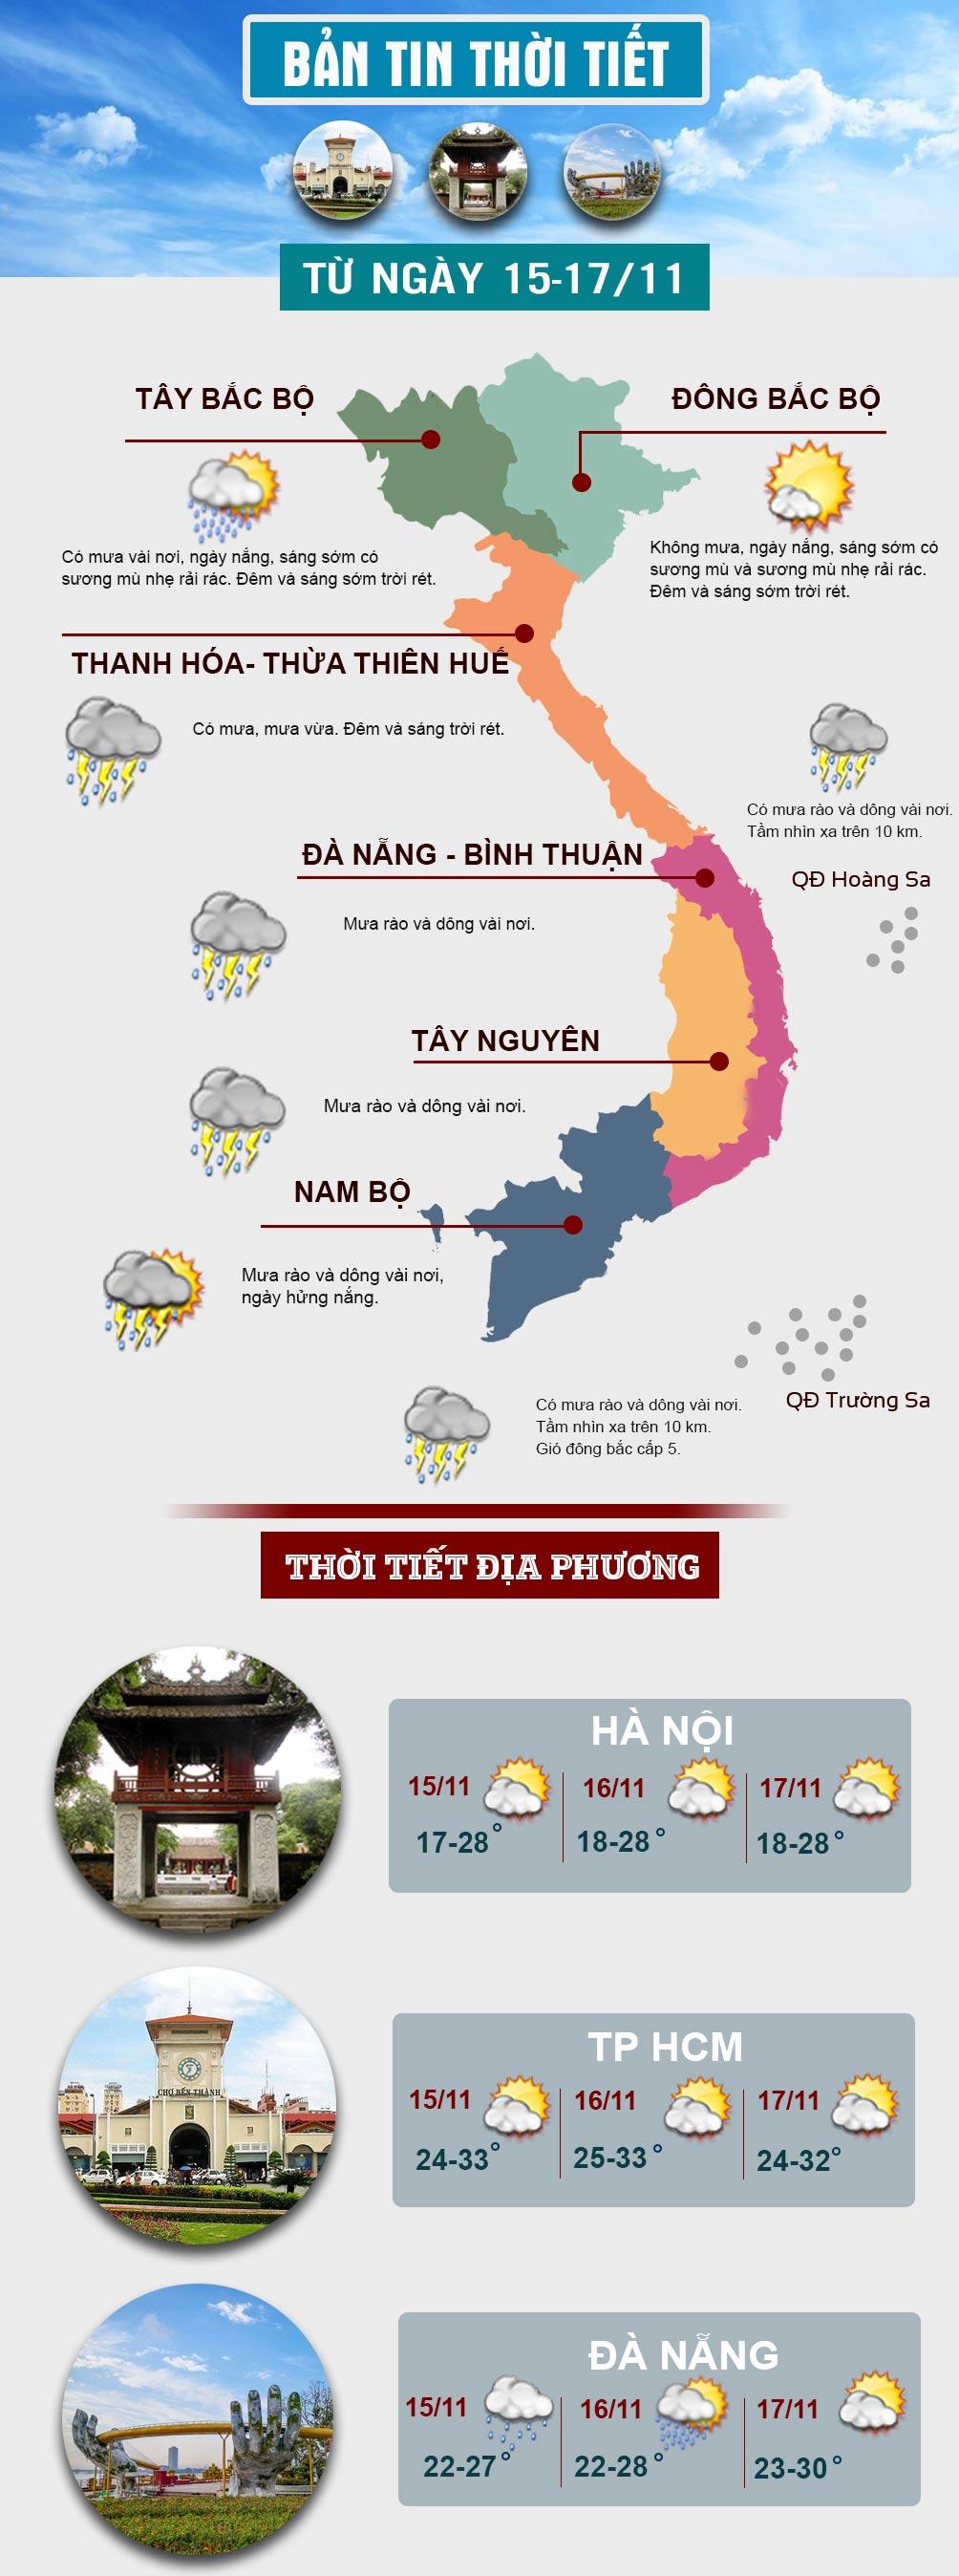 Cuối tuần, miền Bắc hửng nắng, miền Nam mưa dông vài nơi - 1